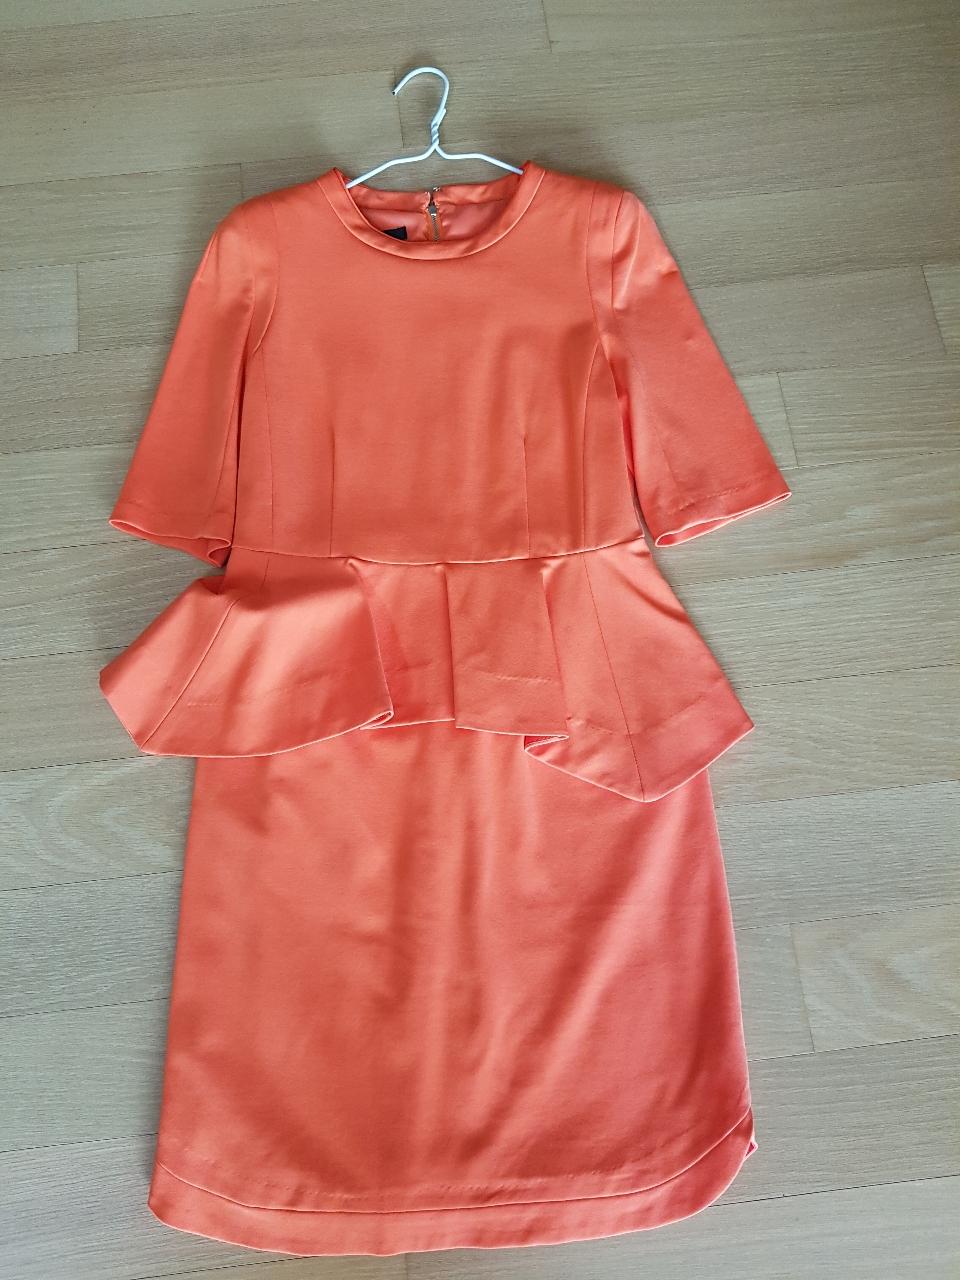 르샵블랙라벨 새옷55가격내림(5~3만원)